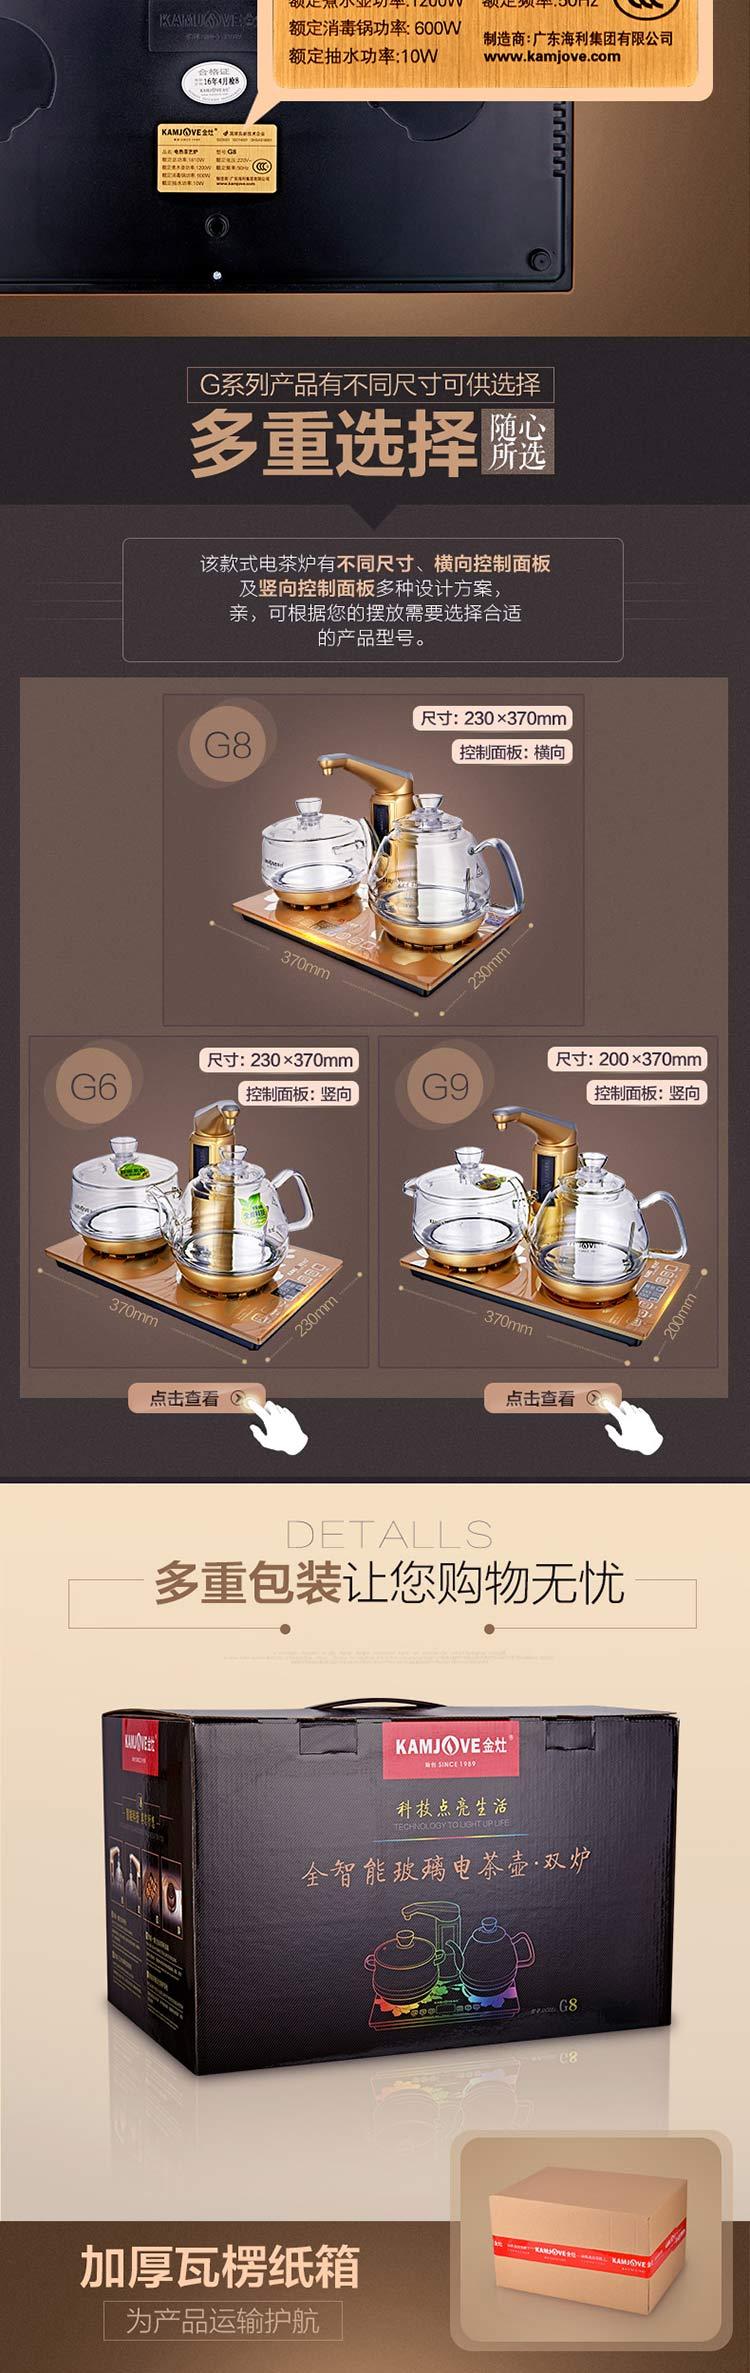 G8-详情页【添加进水管】_10